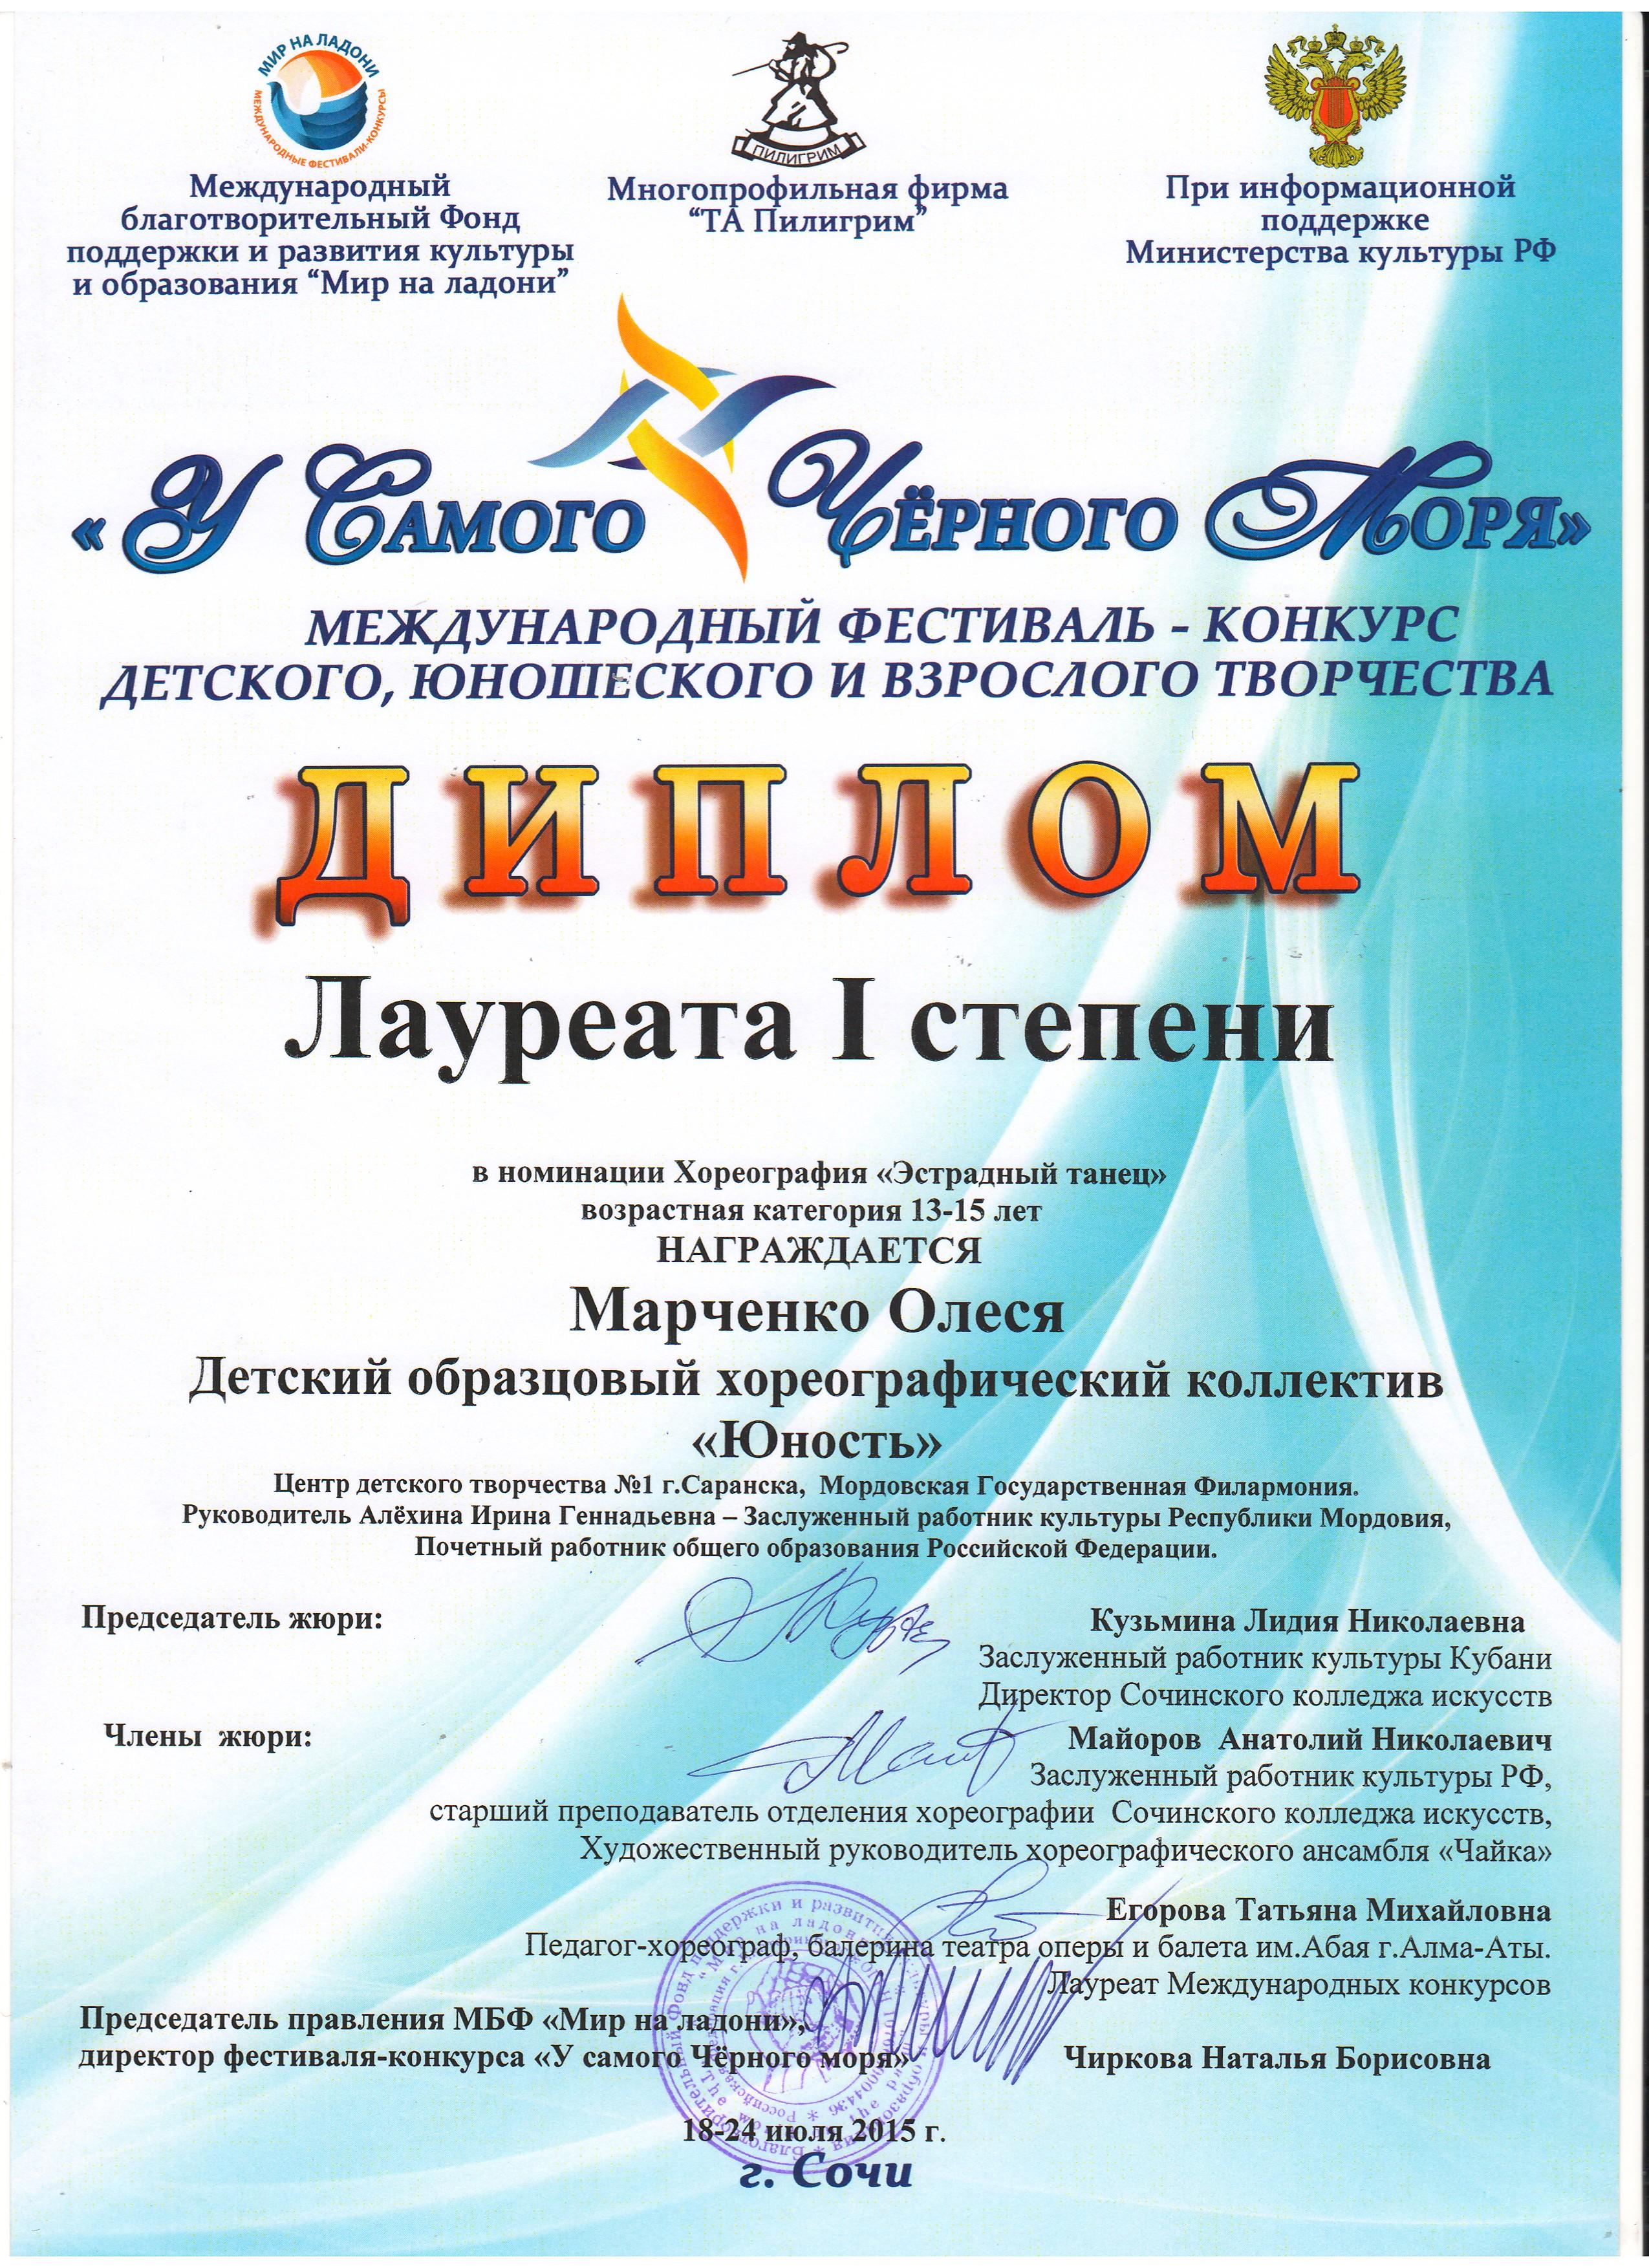 Международный фестиваль конкурс детско